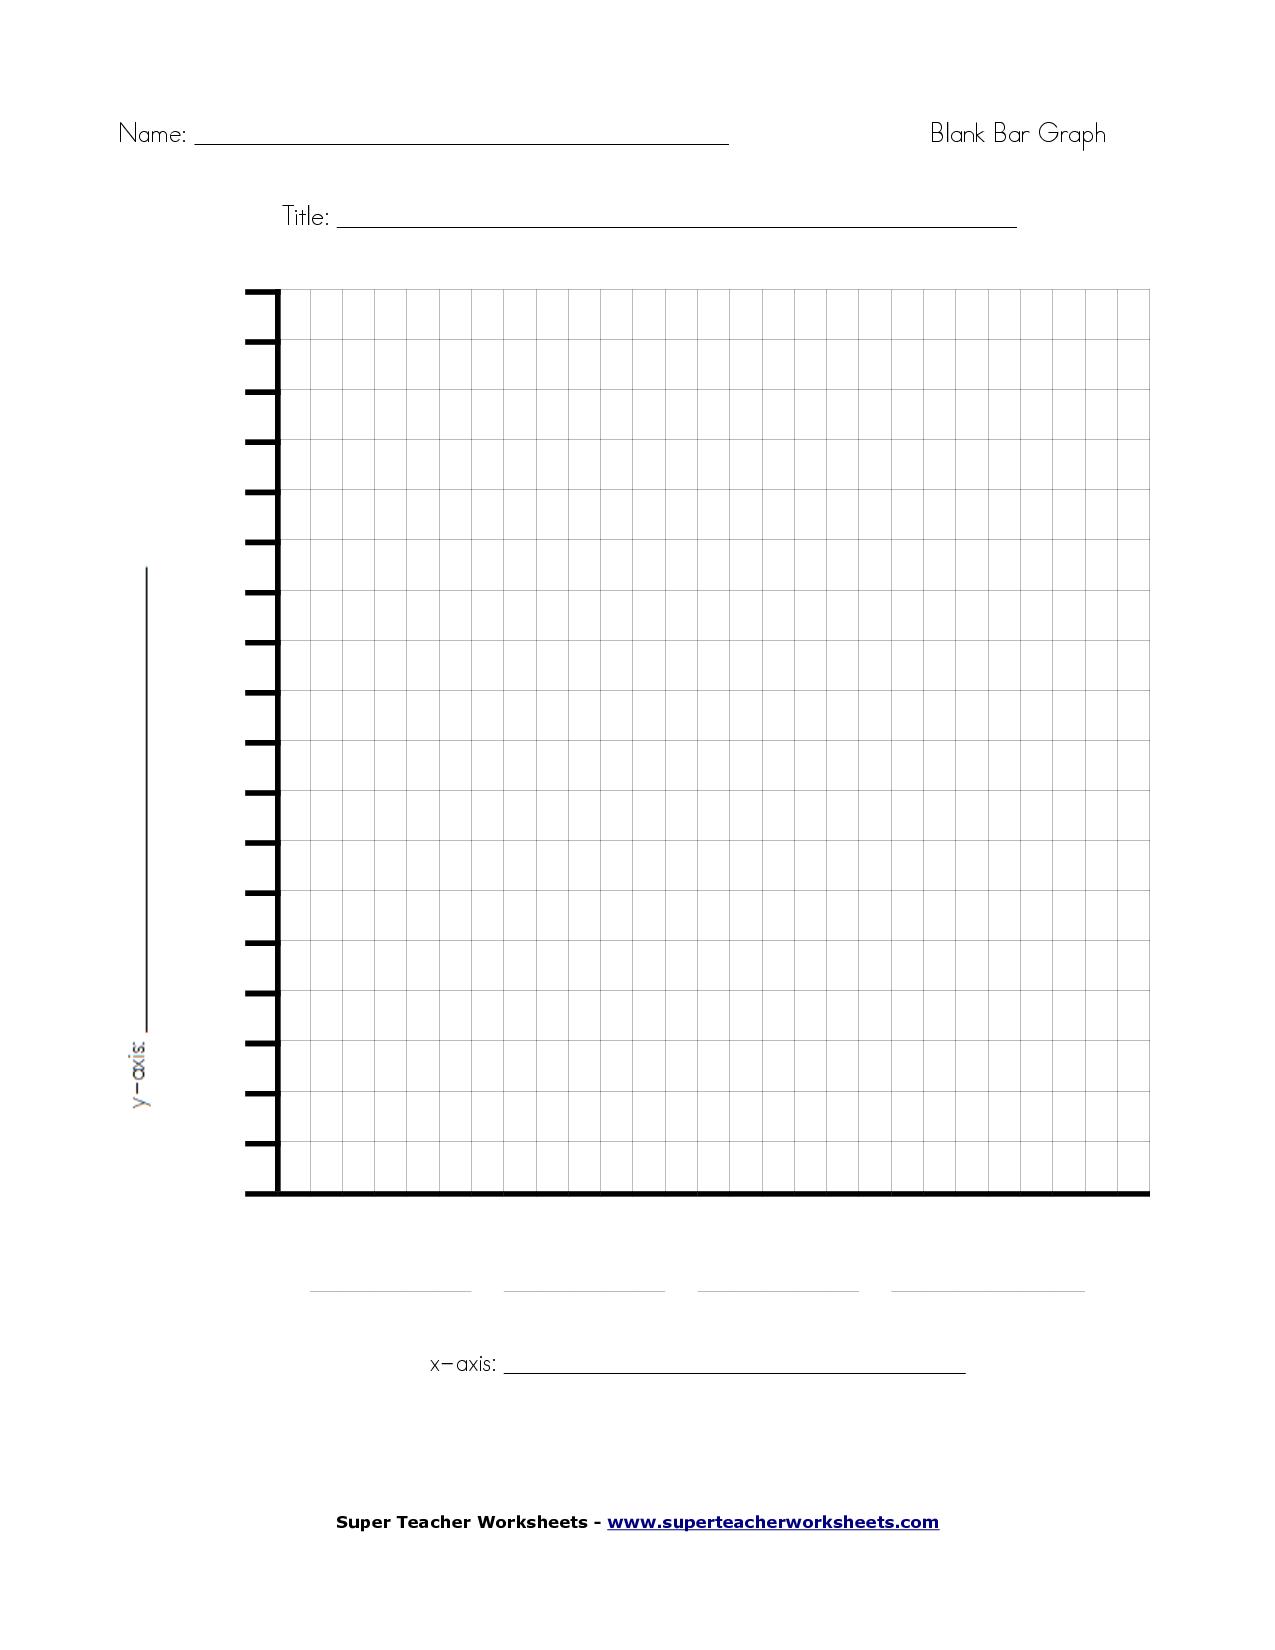 19 Best Images Of Super Teacher Worksheets Bar Graph